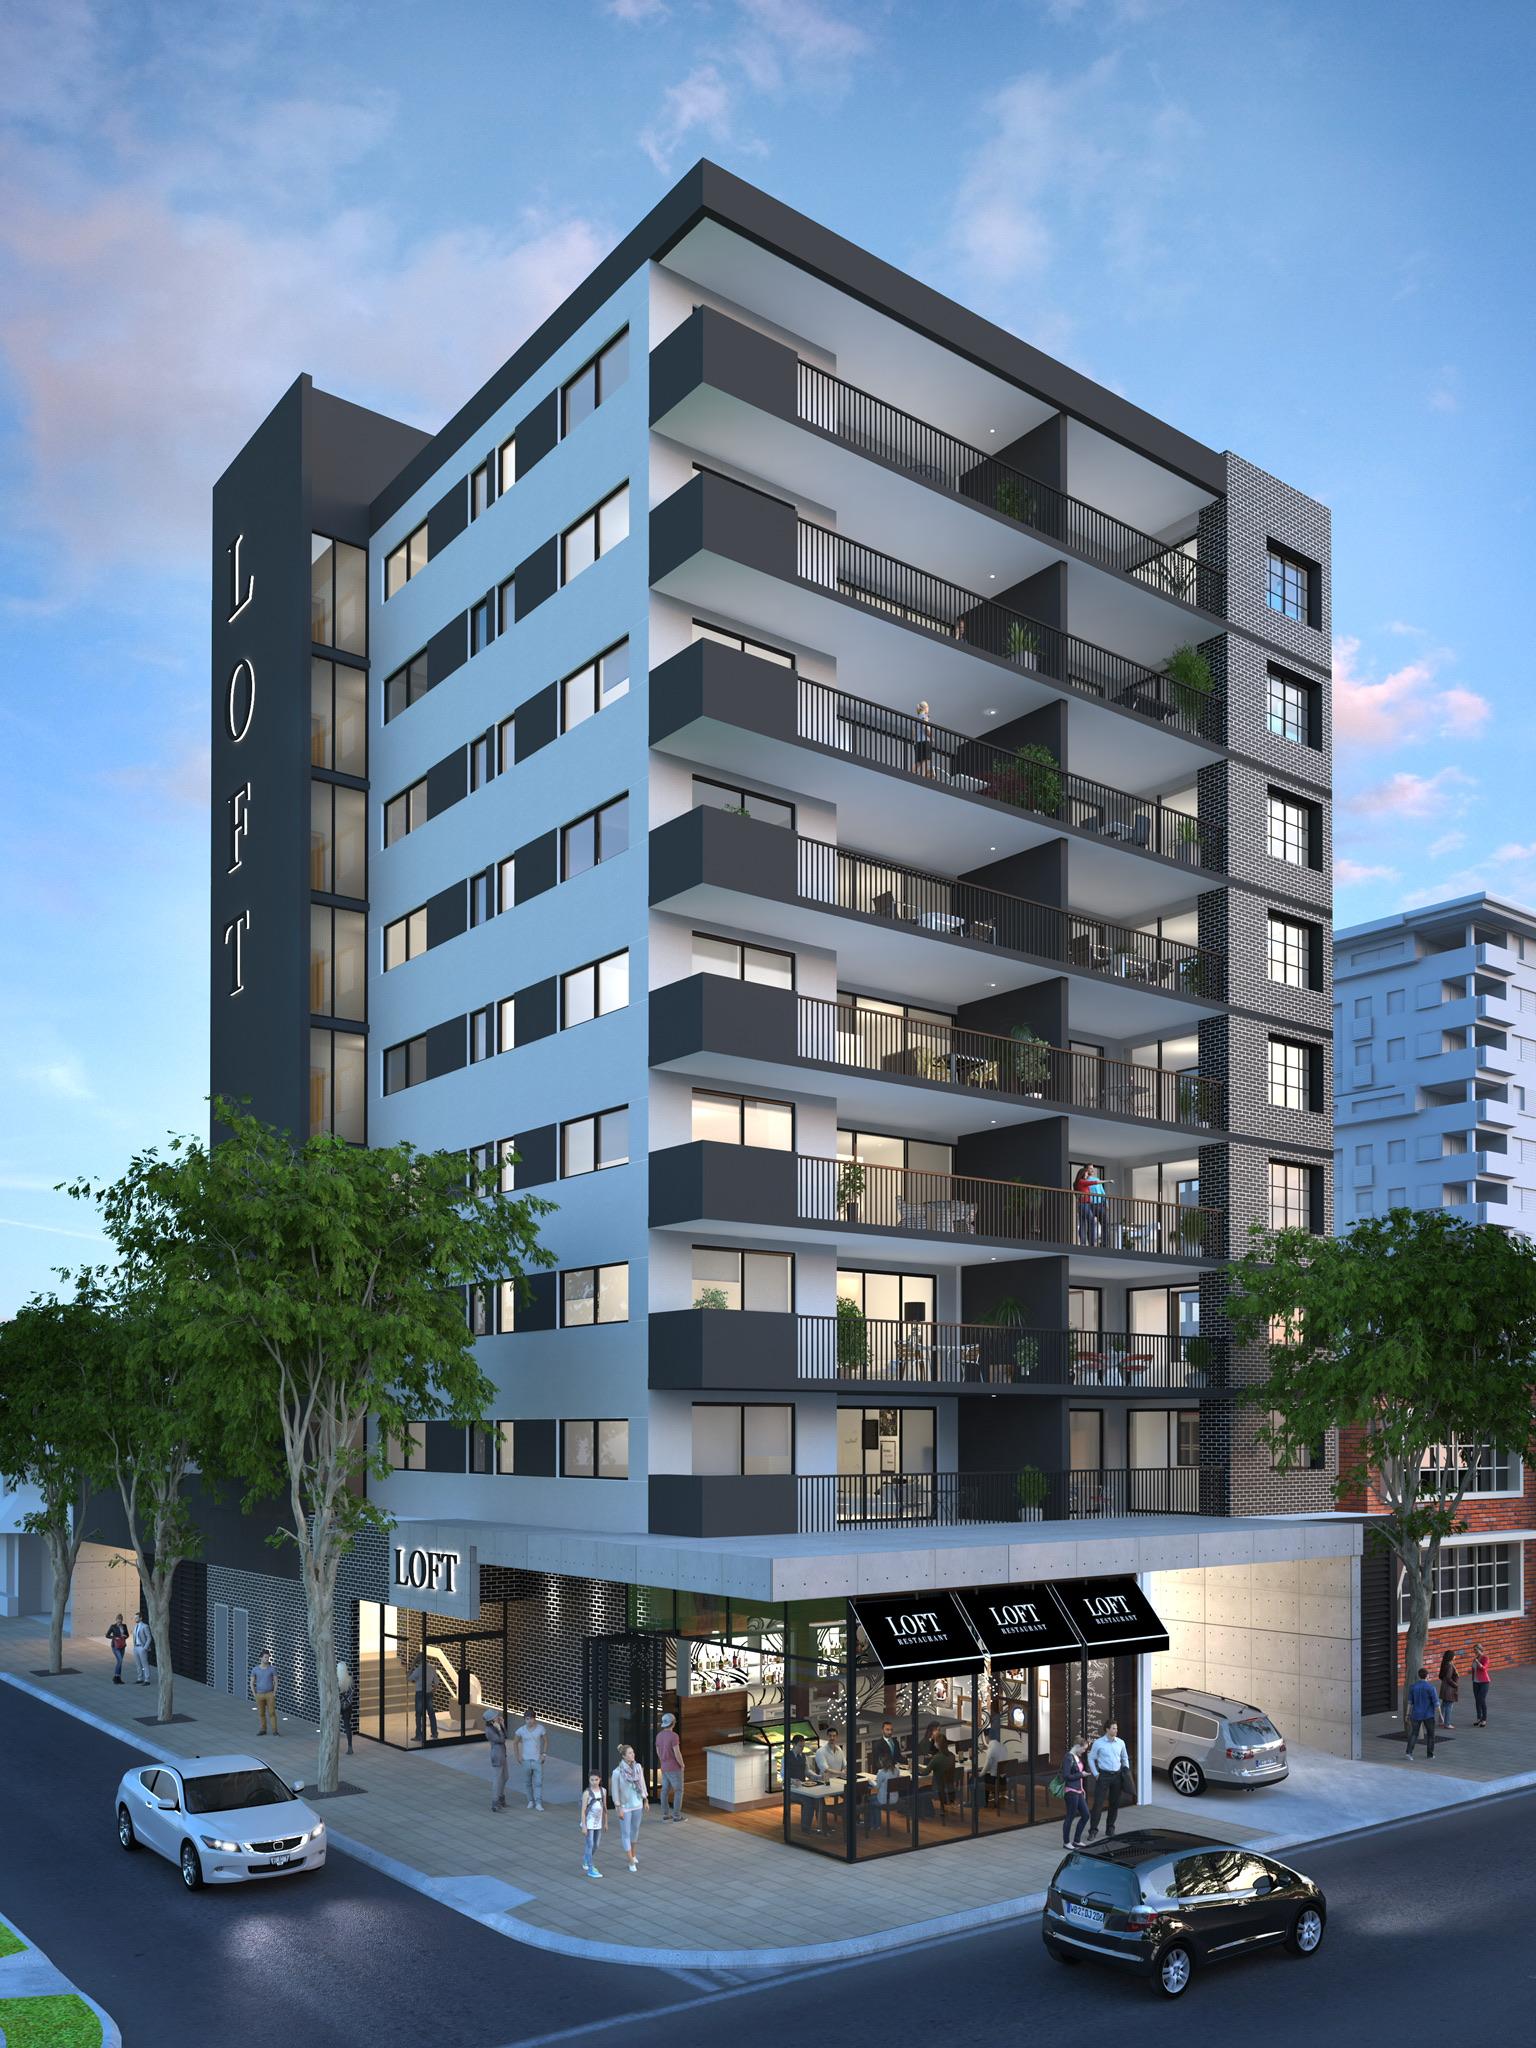 Loft Rockhampton Building Picture